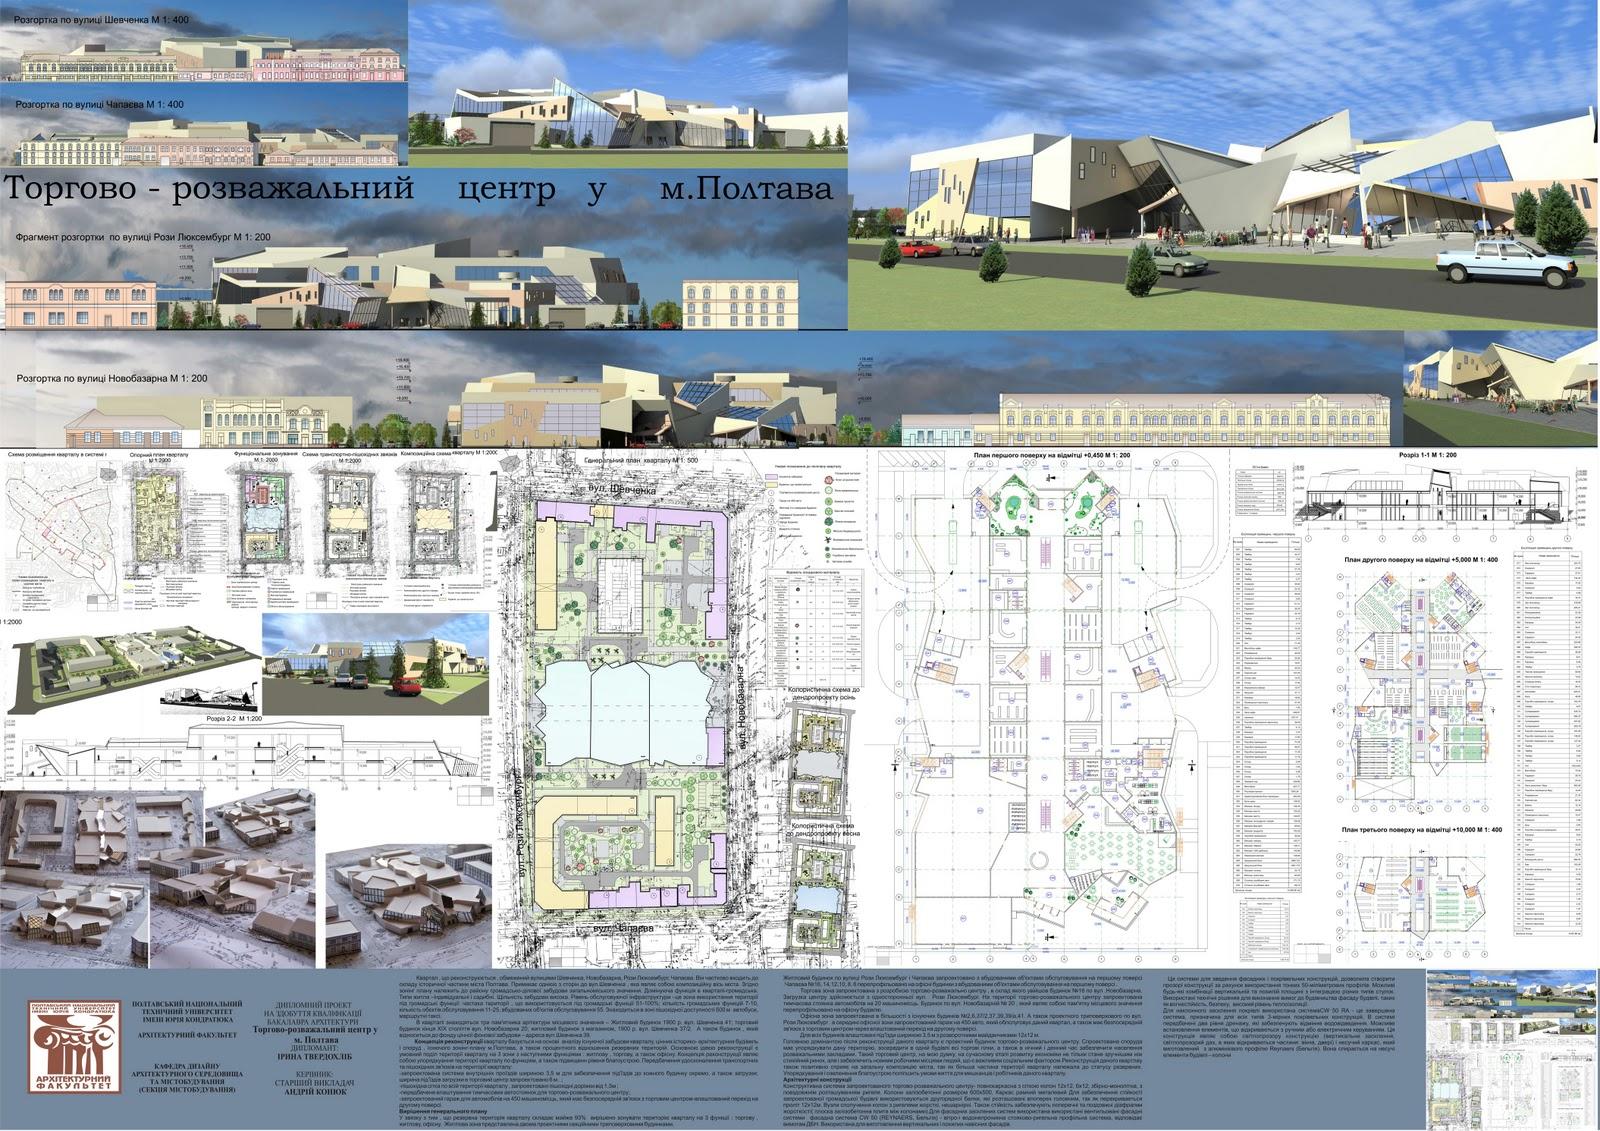 Дипломный проект архитектура Дипломы учимся Полтава Дипломный проект